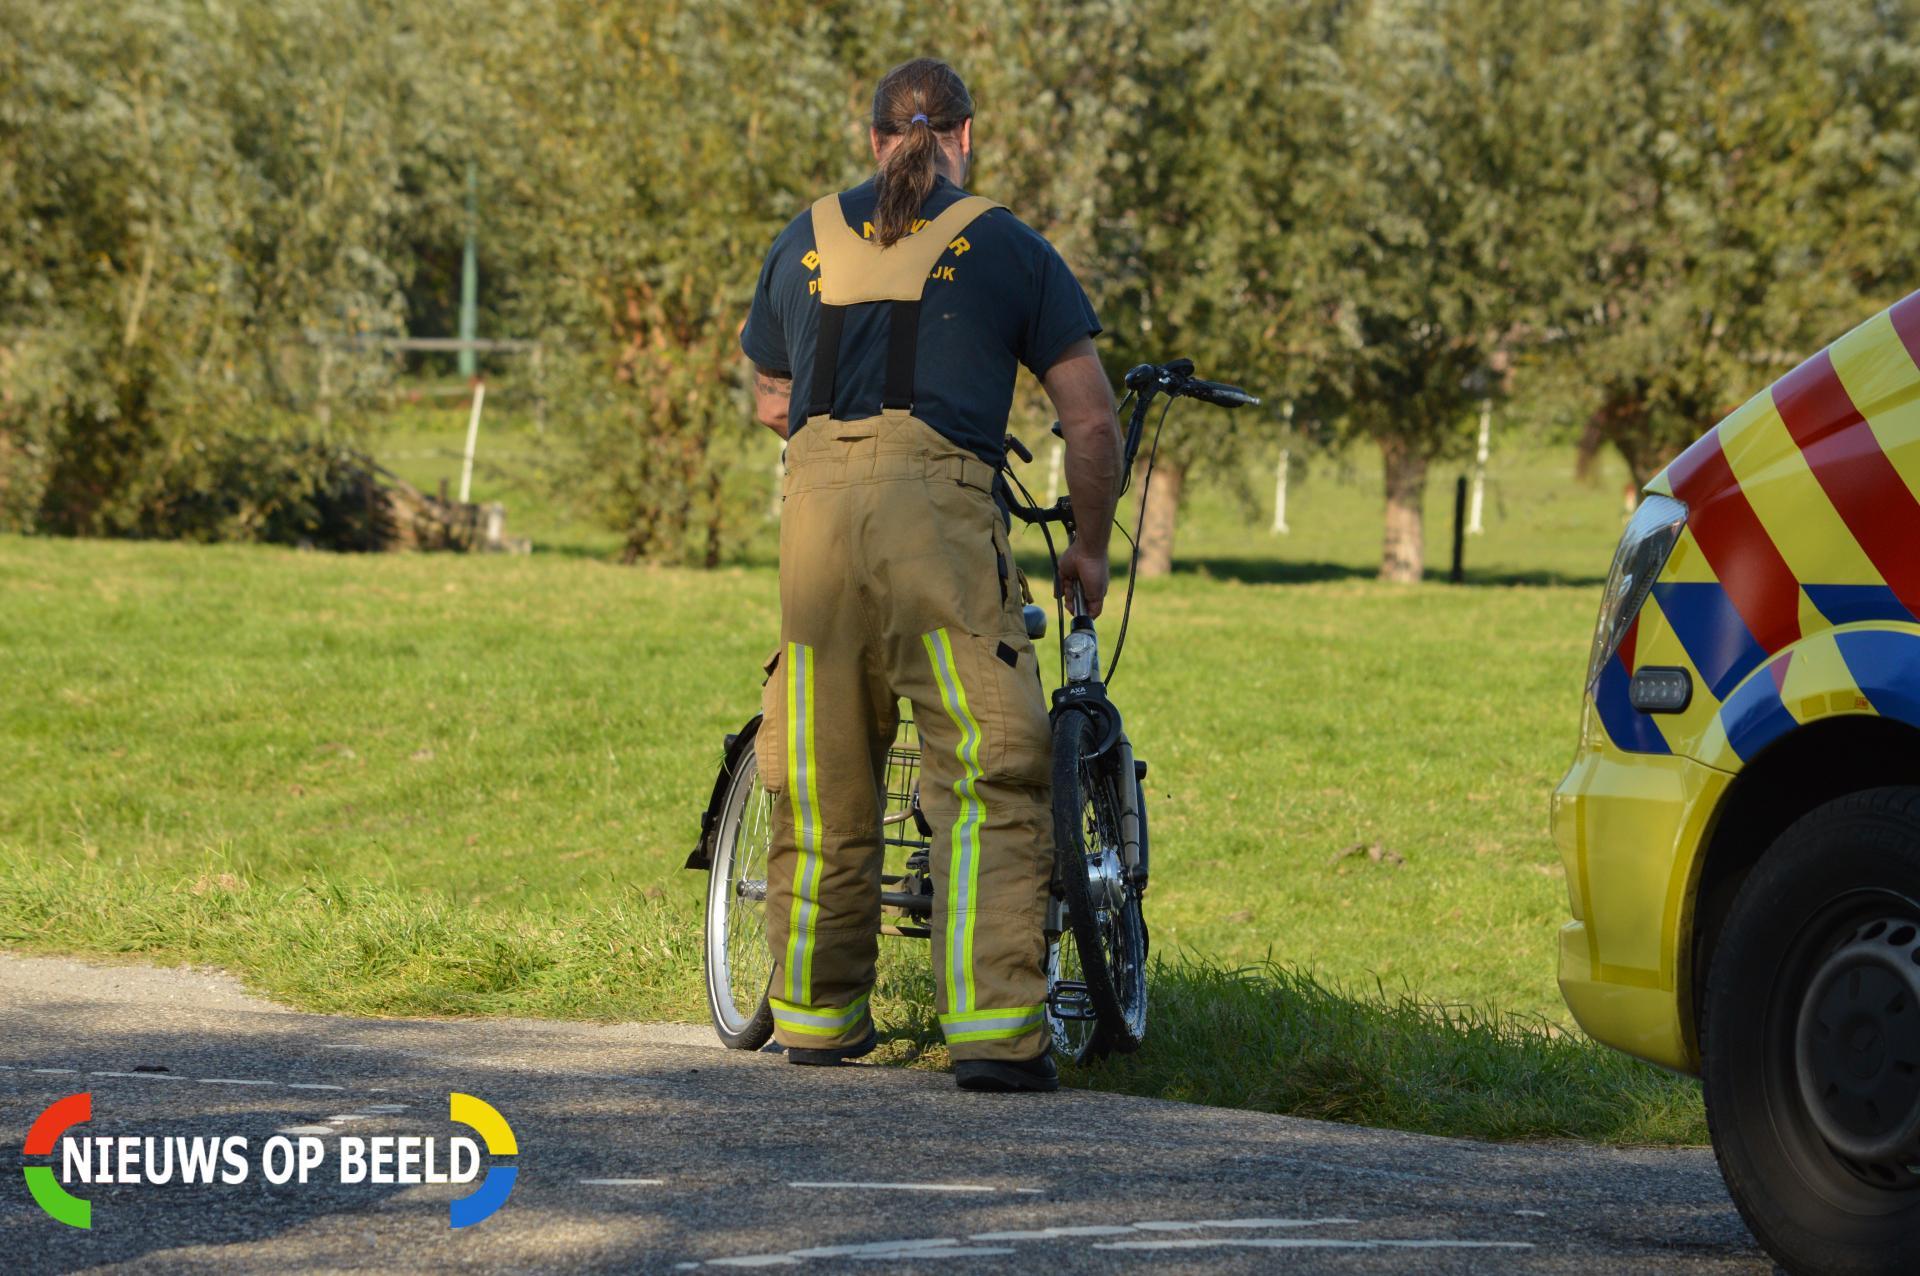 Verkeersregelaar redt fietser uit het water Zuideindseweg Delfgauw